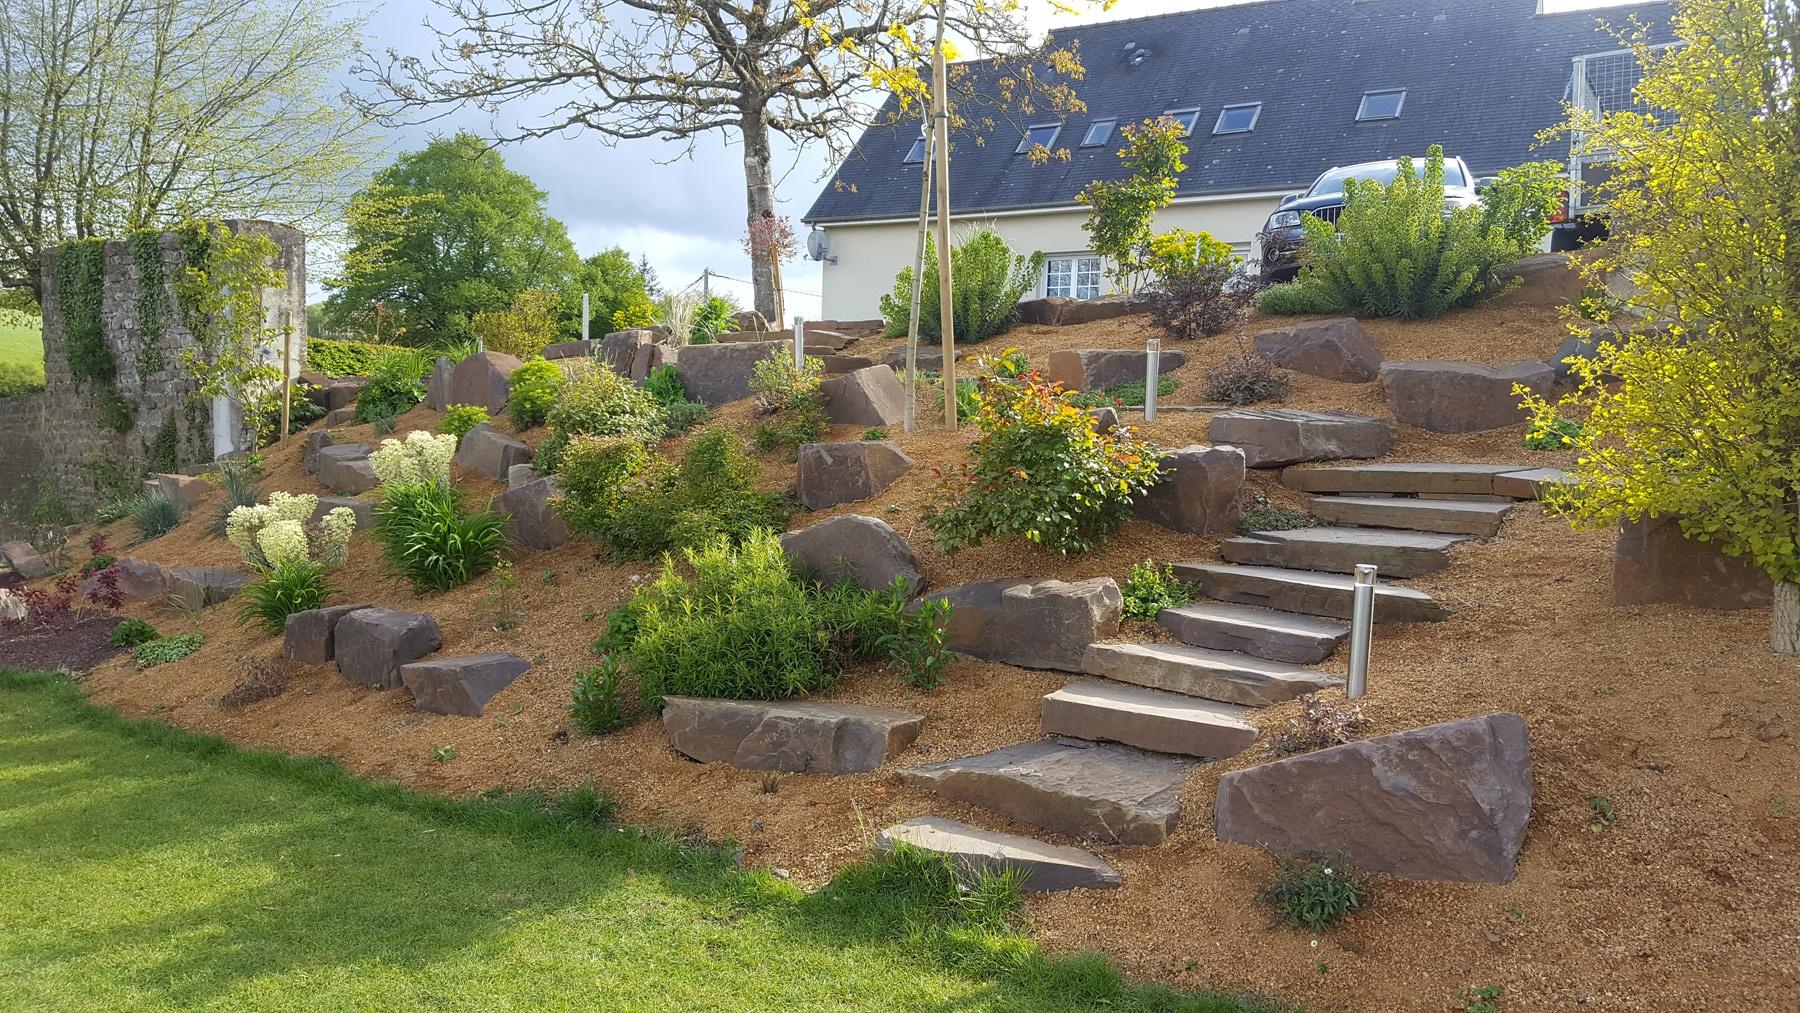 Rocaille De Jardin - Plante De Rocaille | Paysages Conseil concernant Exemple D Aménagement De Jardin